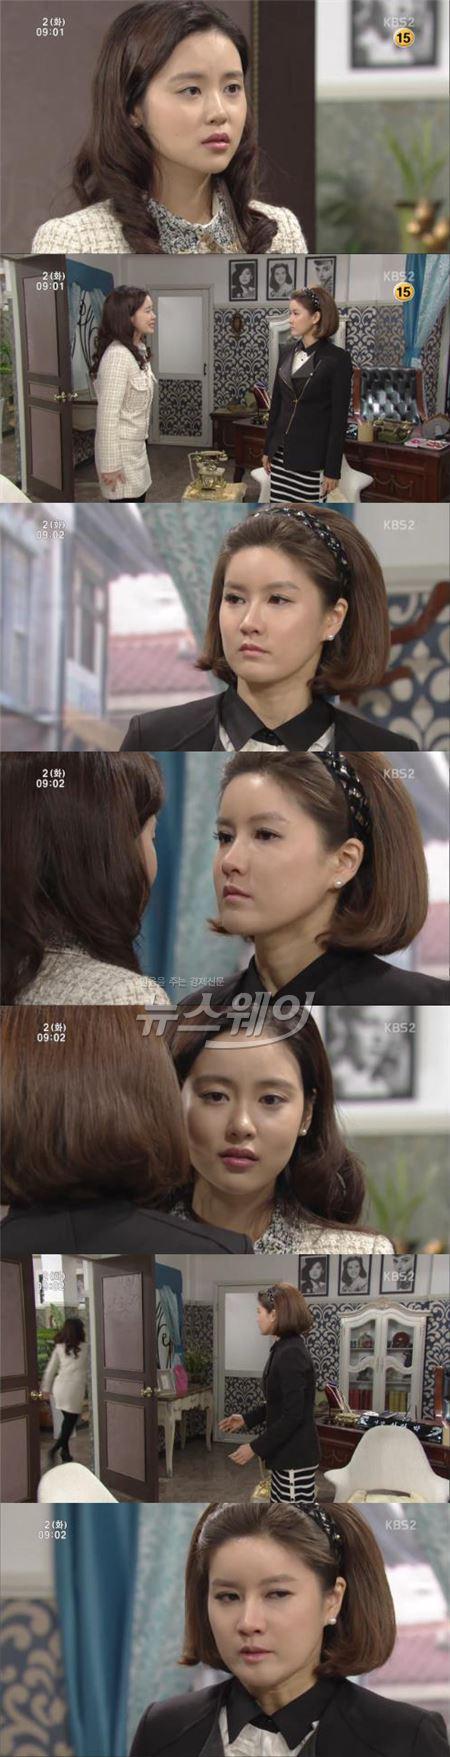 """황금희, 불안해하는 서윤아에 """"넌 내새끼 아니잖아"""""""